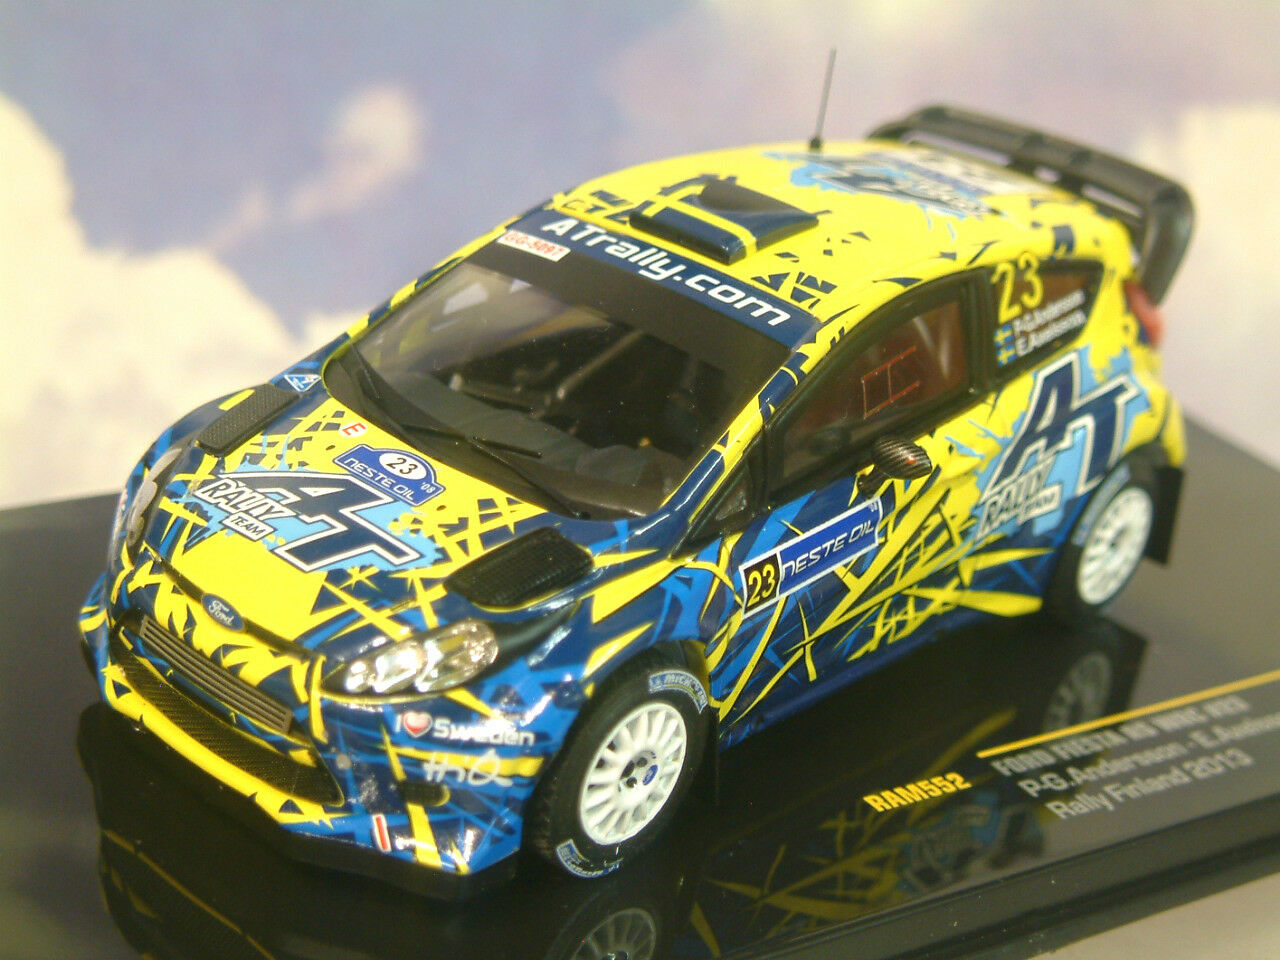 vendita con alto sconto Ixo Ixo Ixo 1 43 Ford Fiesta Rs WRC  23 Rtuttiy Finle 2013 eersson Axelsson Ram552  presentando tutte le ultime tendenze della moda